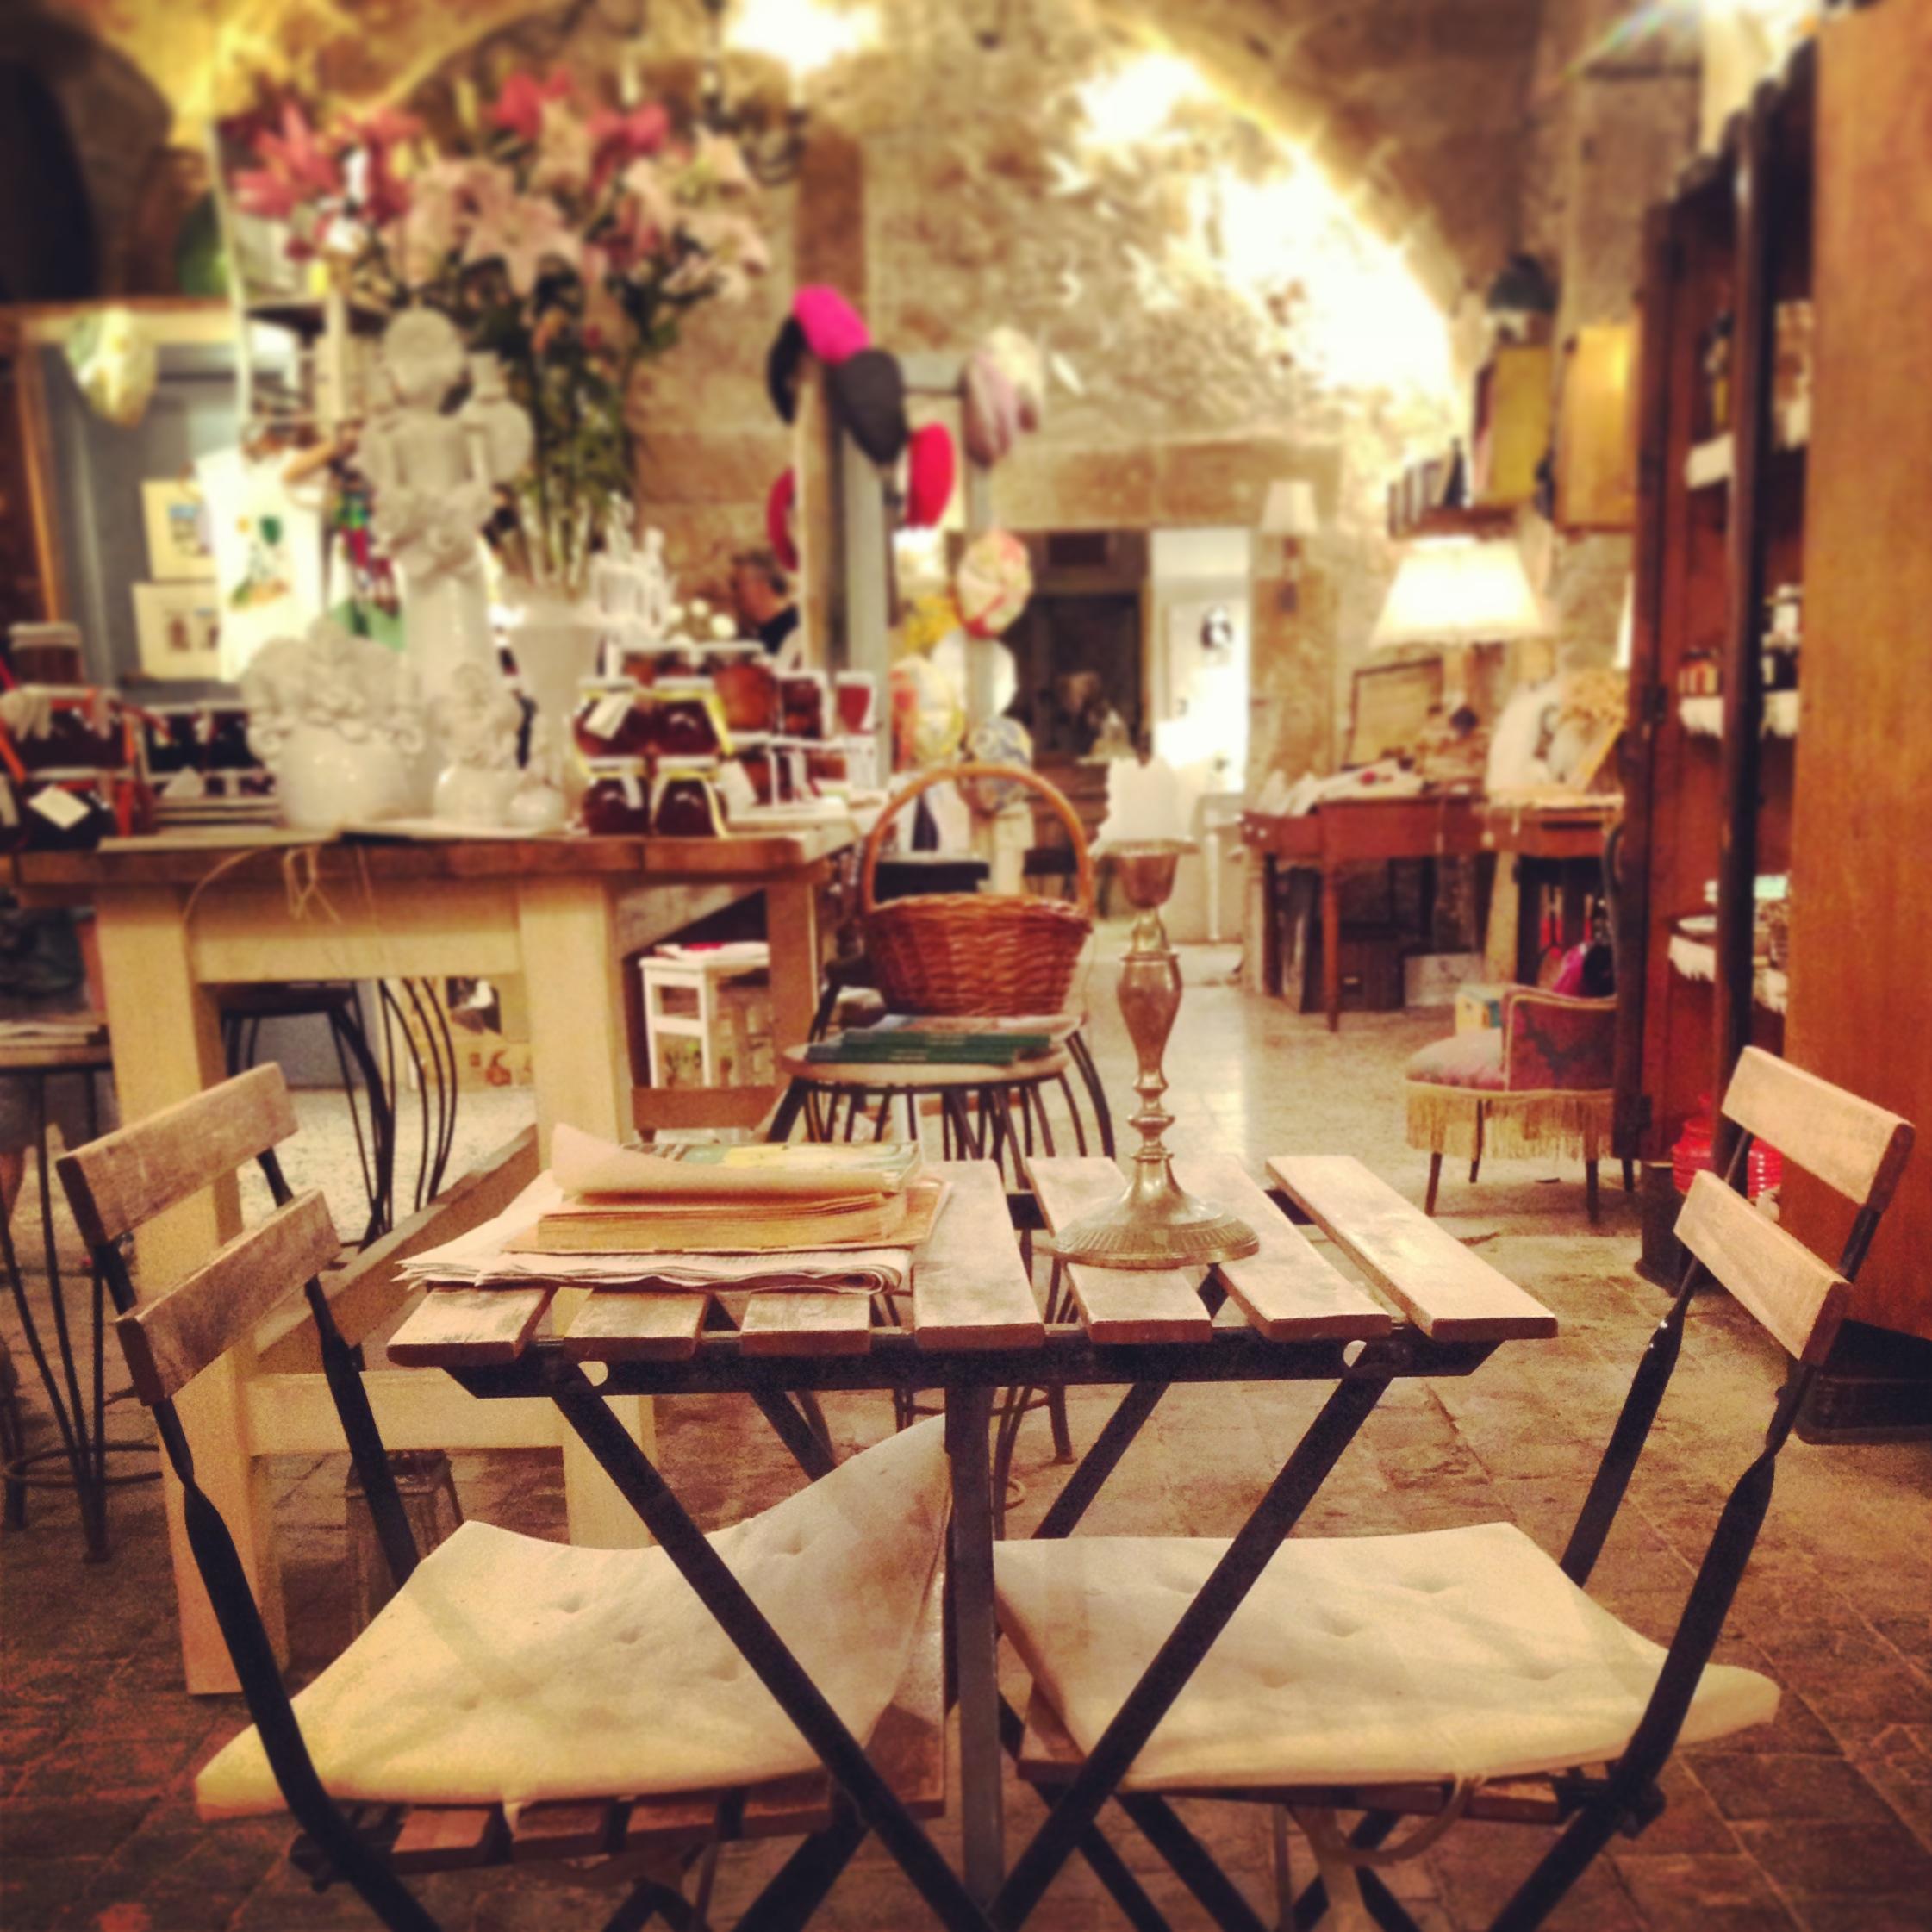 tavolino per due, liccamucciula, particolare, mazamemi sicilia